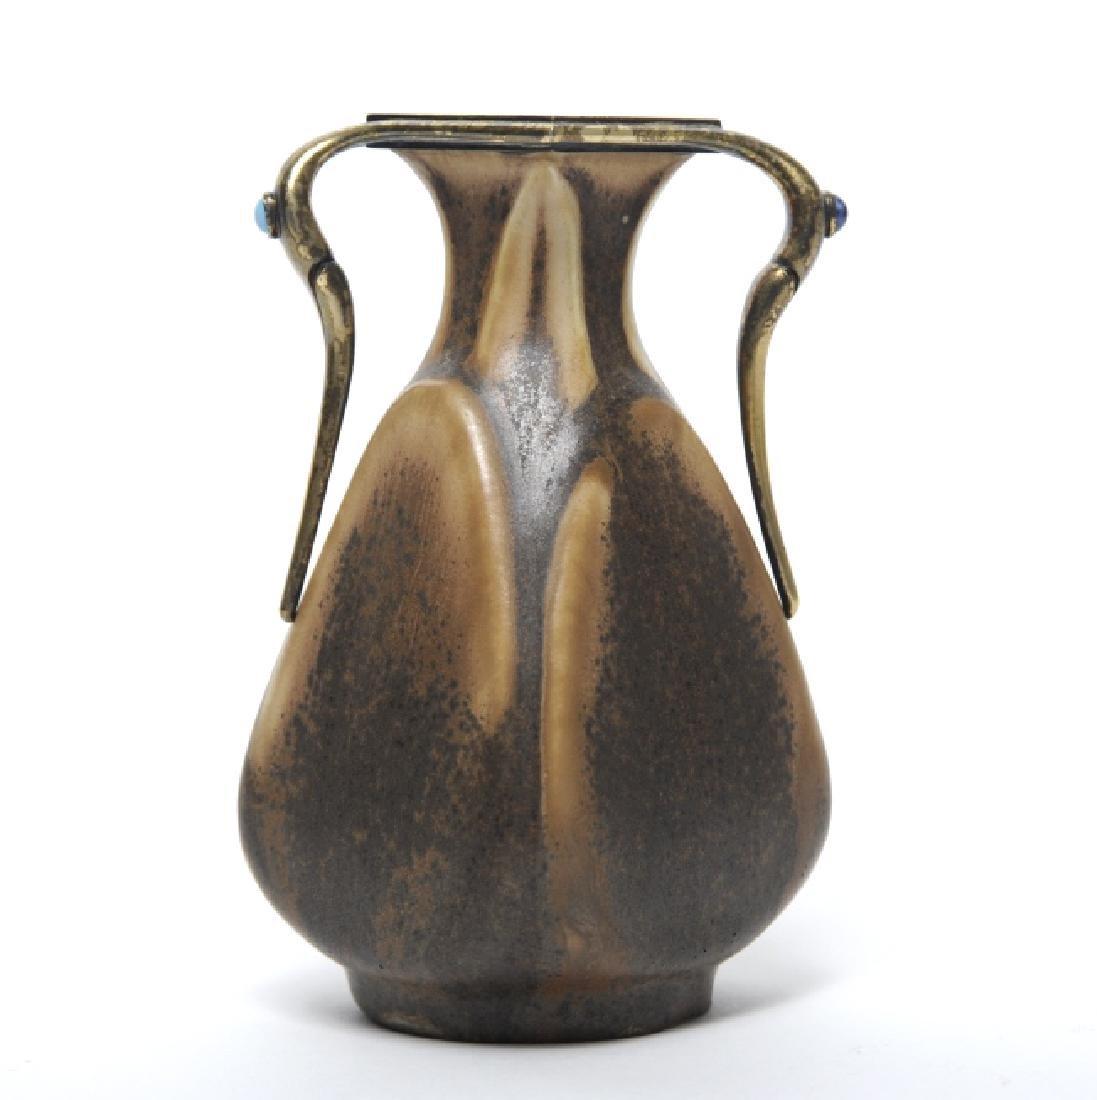 Girault Demay et Vignolet Bruere Pottery Vase FINE